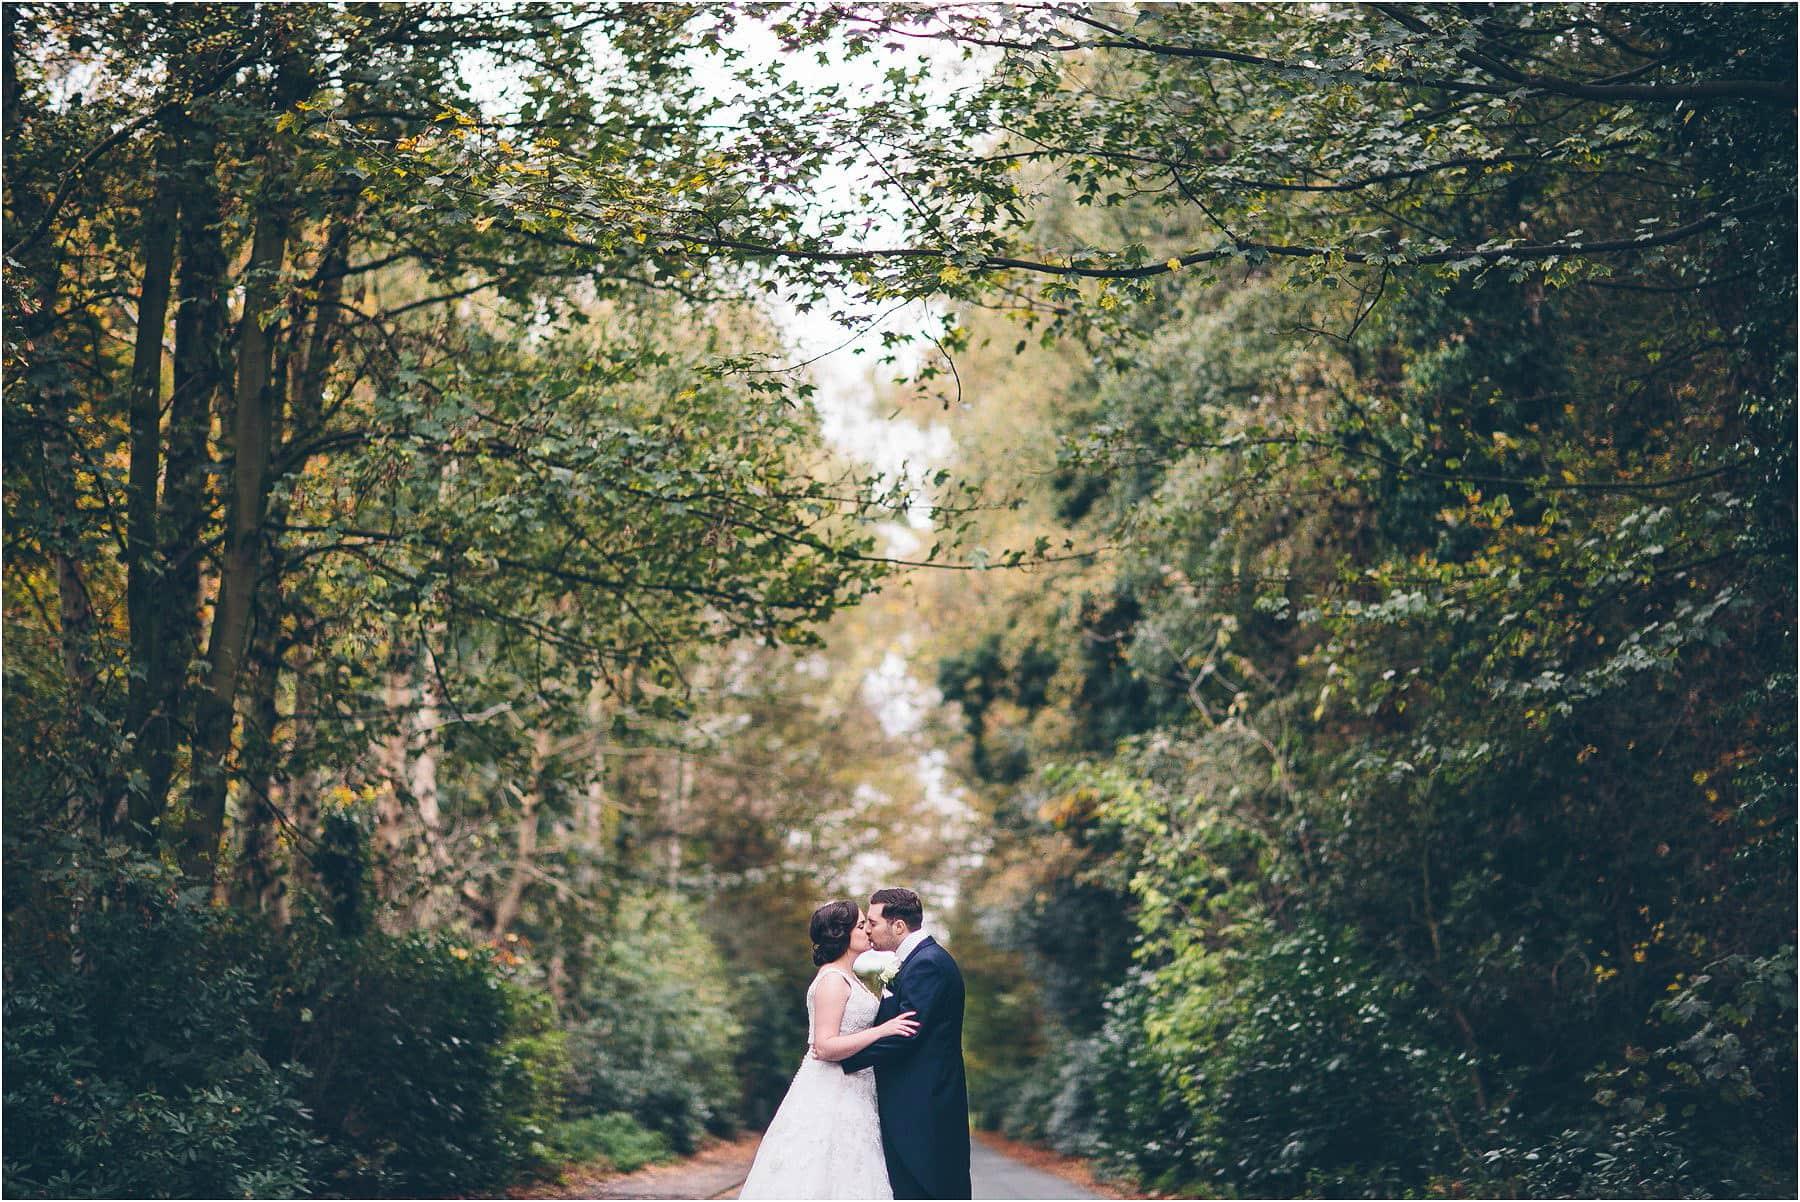 Crewe_Hall_Wedding_Photography_0074